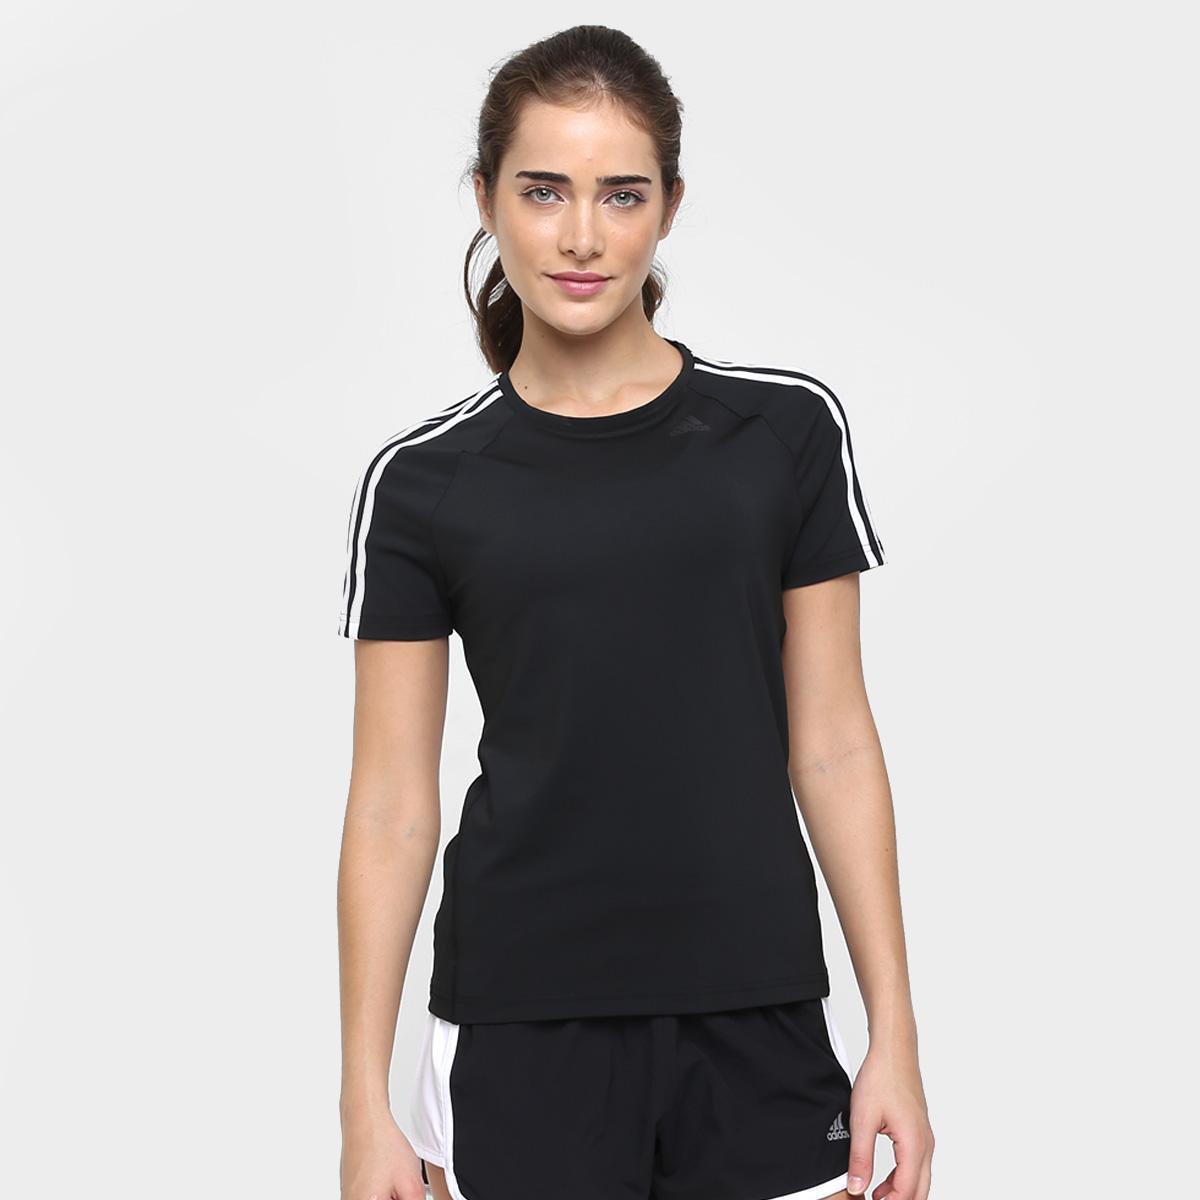 Camiseta Adidas D2M 3S - Preto e Branco - Compre Agora  7eb793bffe220